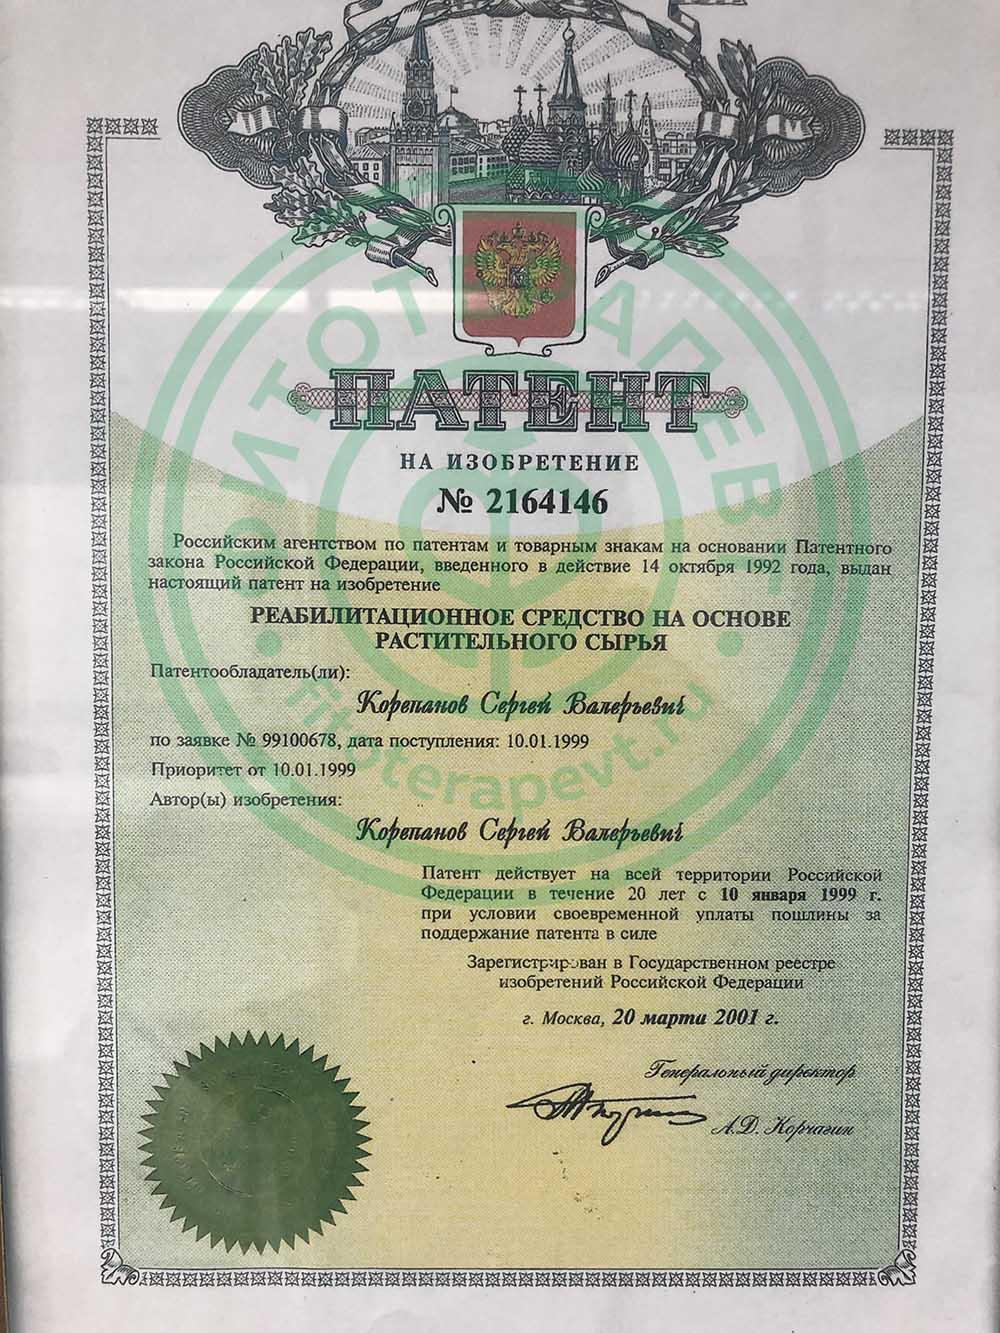 Патент Алфита на реабилитационные средства из растительного сырья